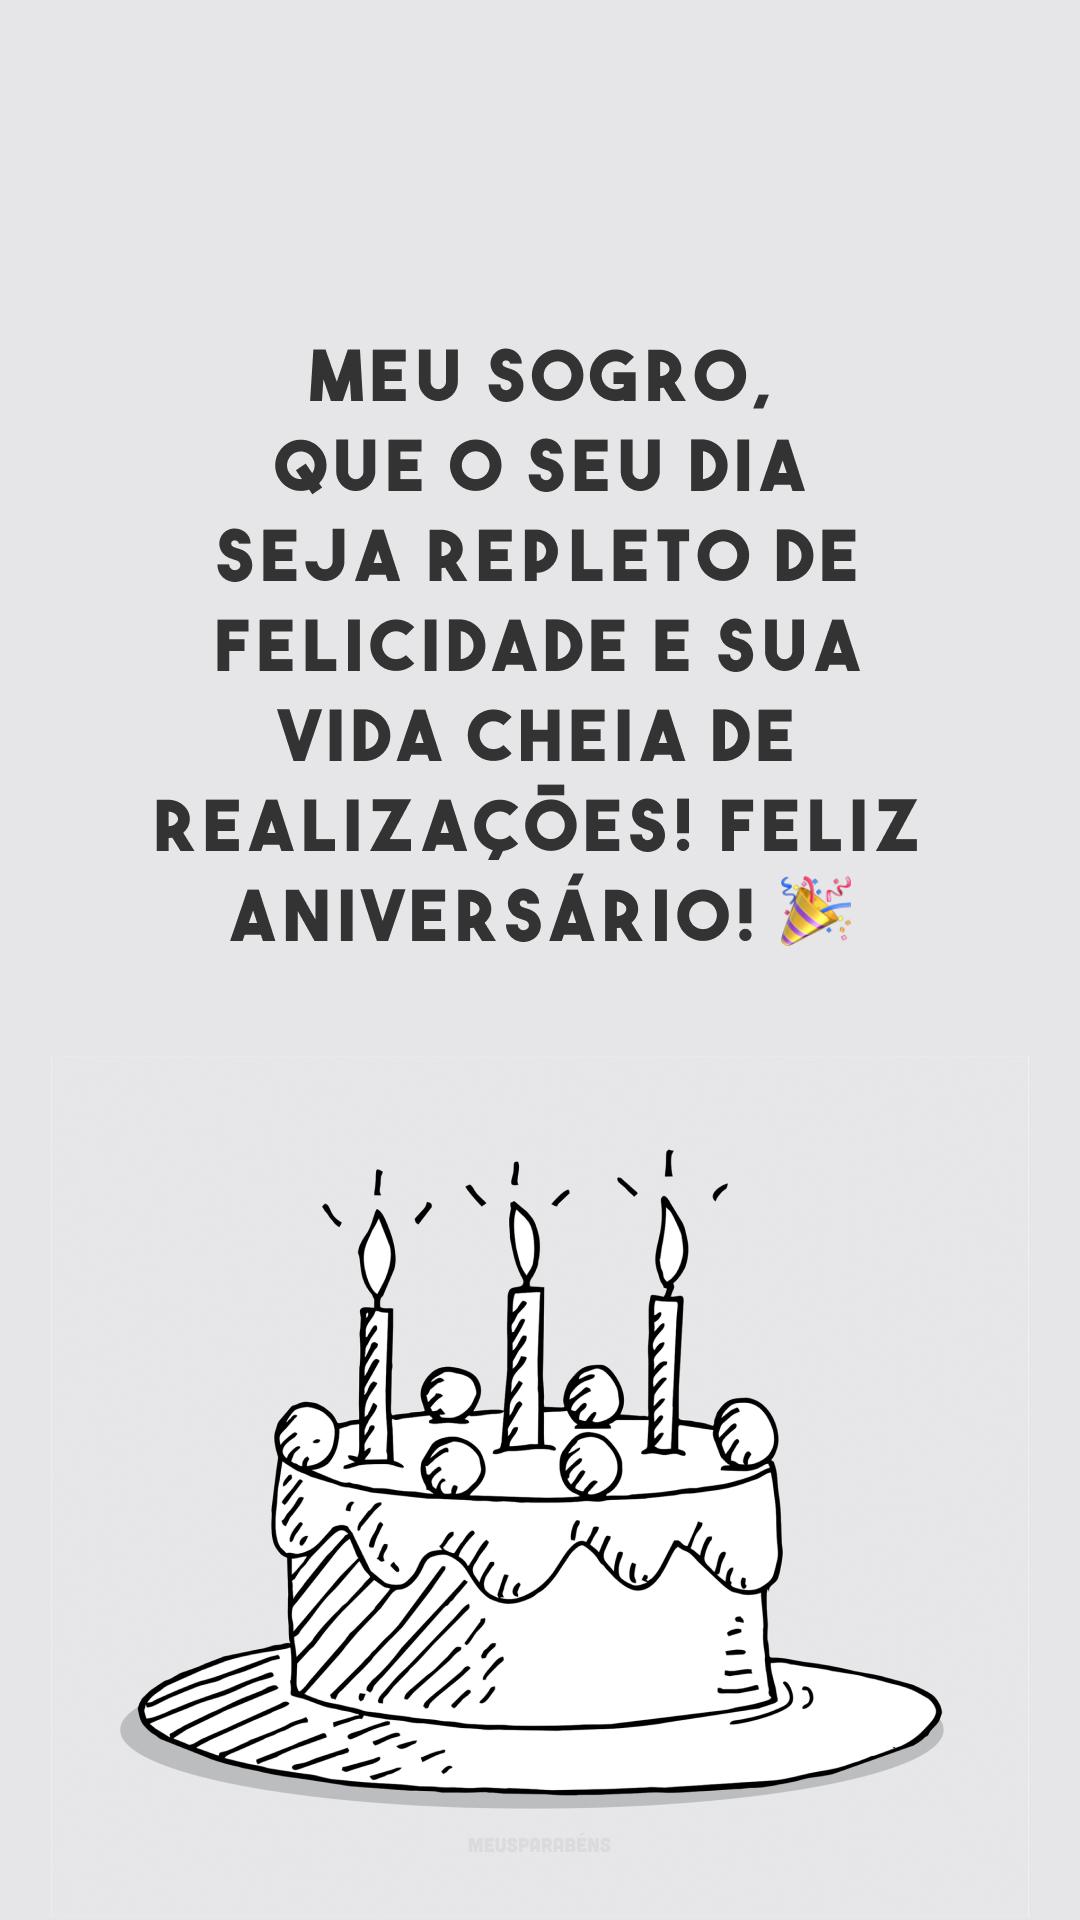 Meu sogro, que o seu dia seja repleto de felicidade e sua vida cheia de realizações! Feliz aniversário! 🎉